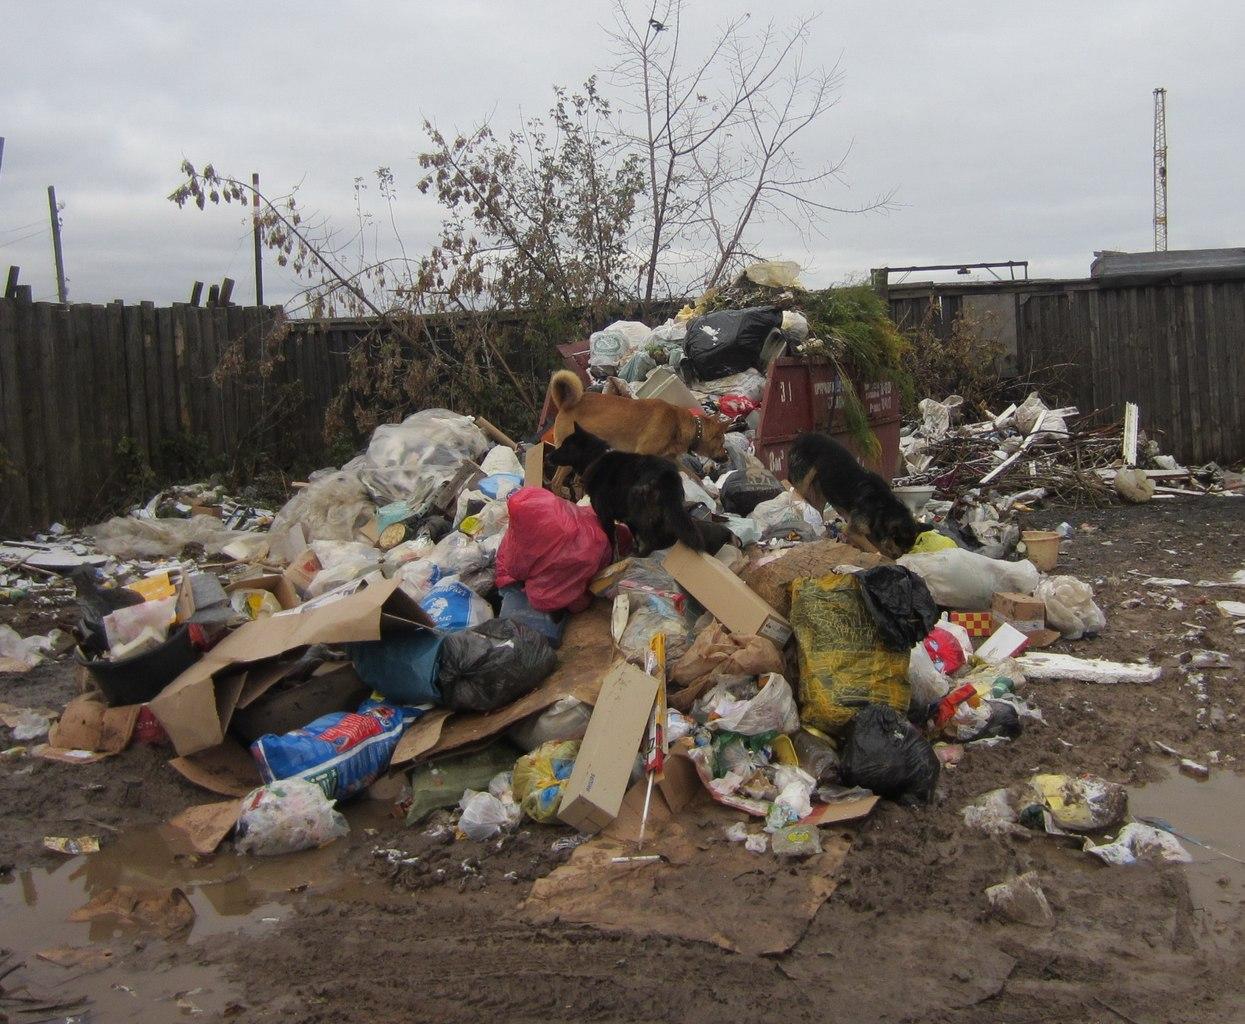 Кировских застройщиков оштрафовали на 800 тысяч рублей за неубранный мусор